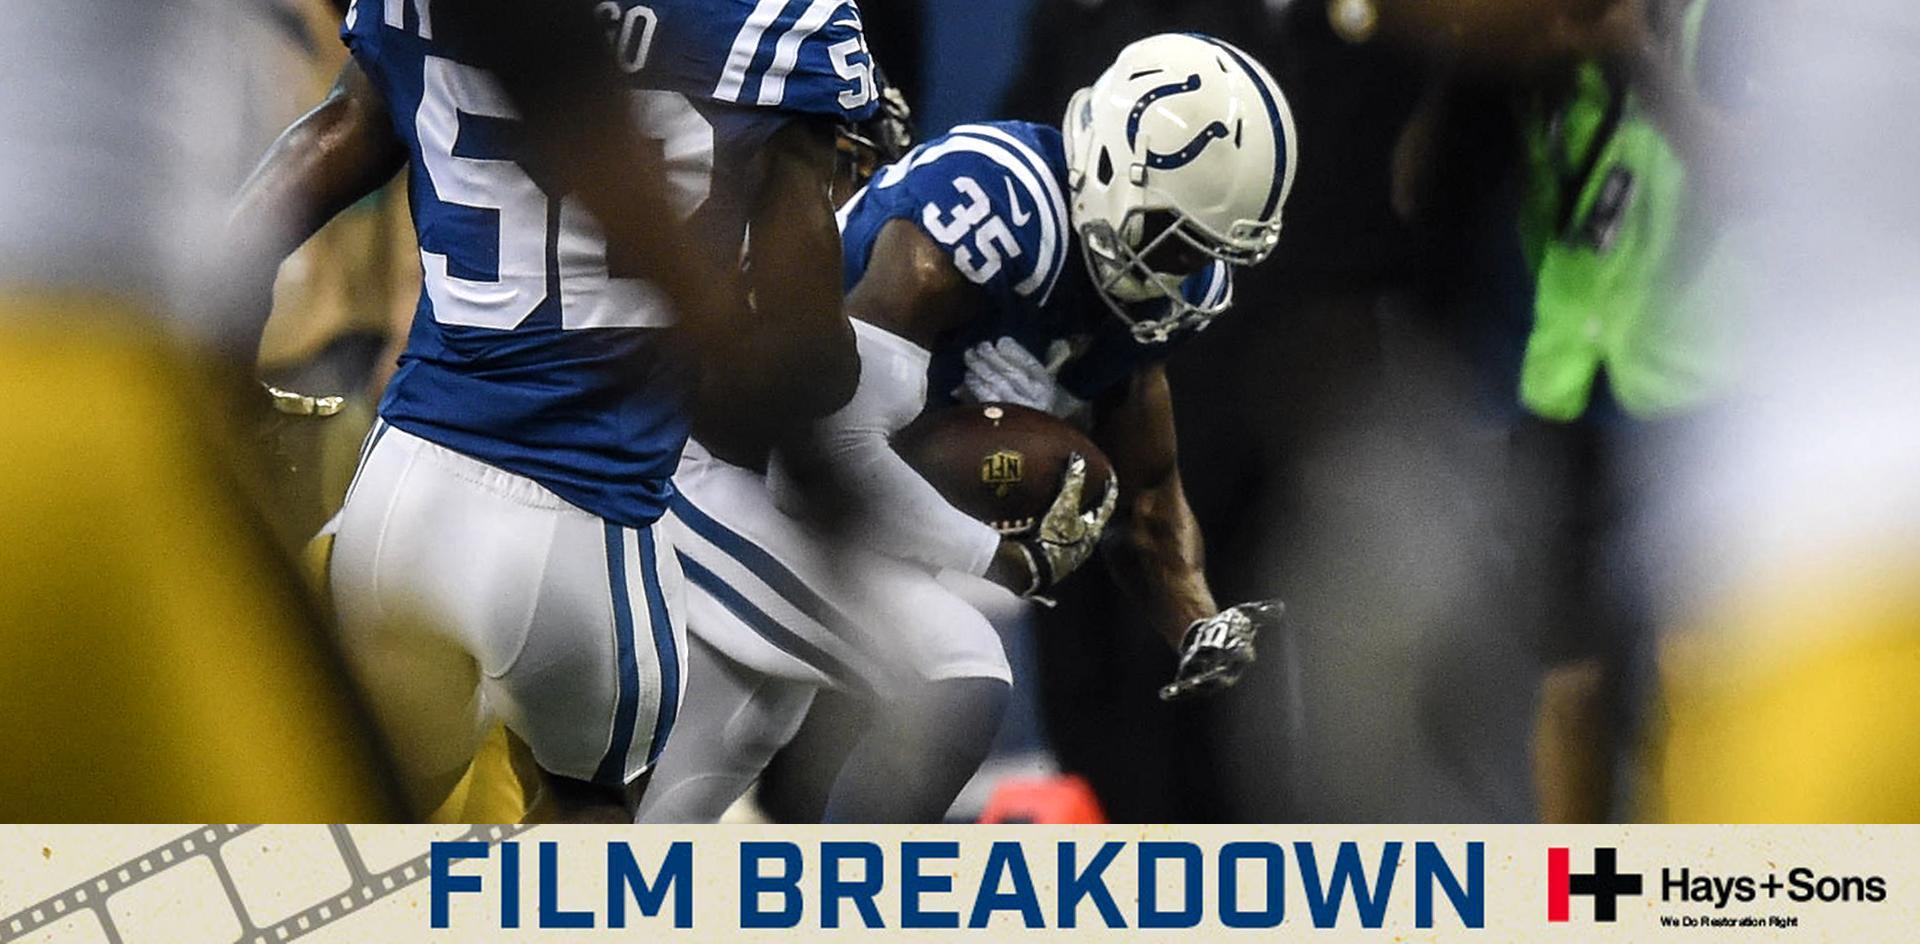 Colts Film Breakdown: Pierre Desir Picks Off Big Ben